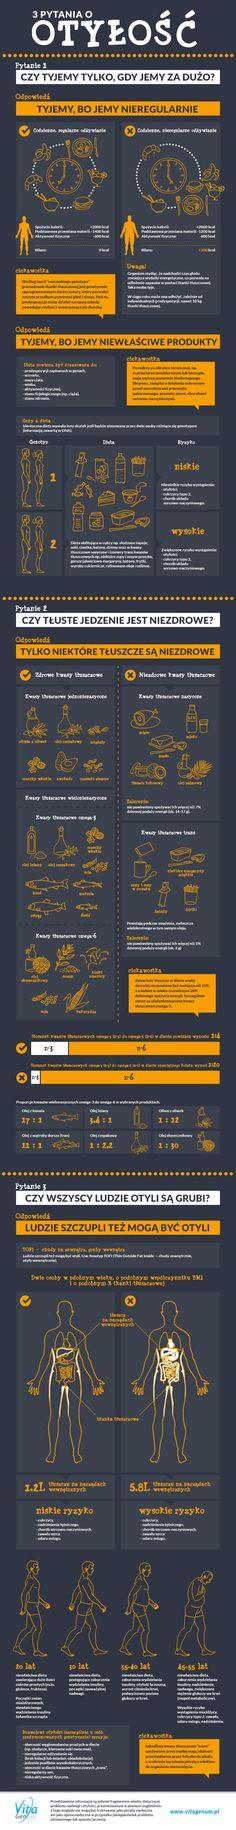 3 pytania ootyłość infografika VitaGenum